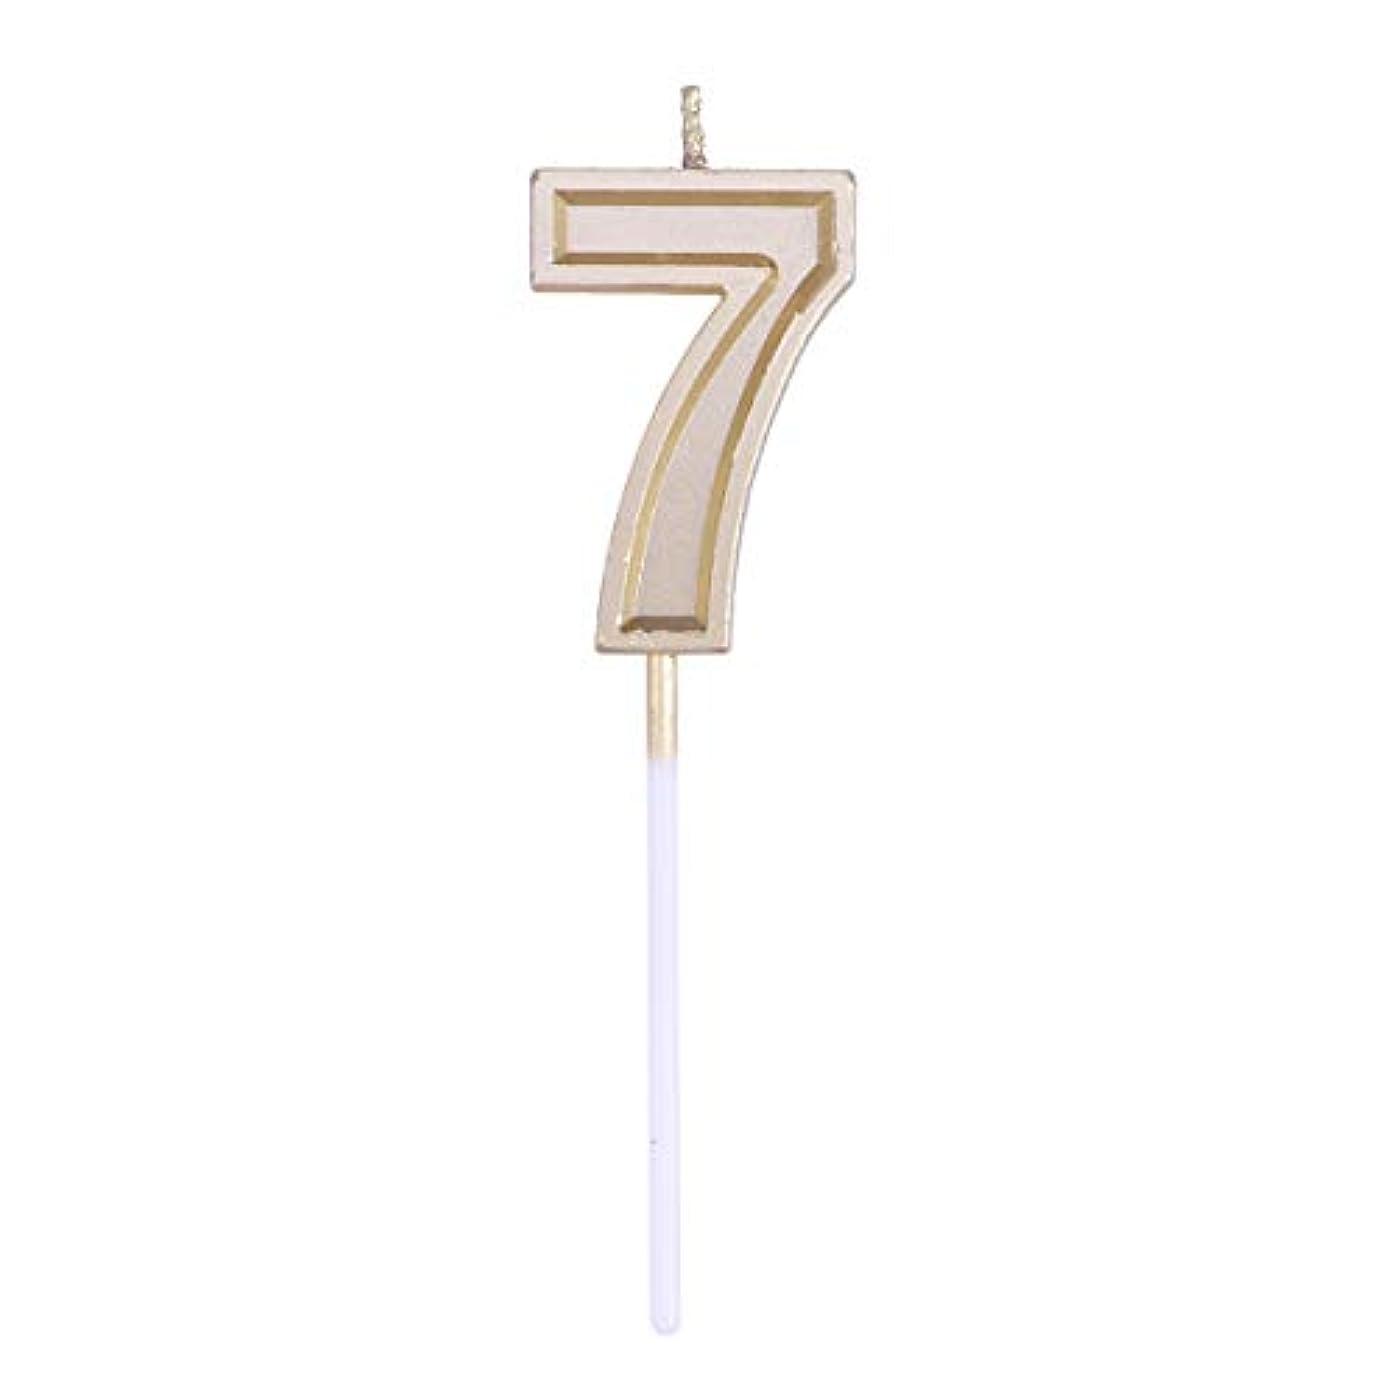 イノセンス振動する硬いToyvian ゴールドラメ誕生日おめでとう数字キャンドル番号キャンドルケーキトッパー装飾用大人キッズパーティー(番号7)